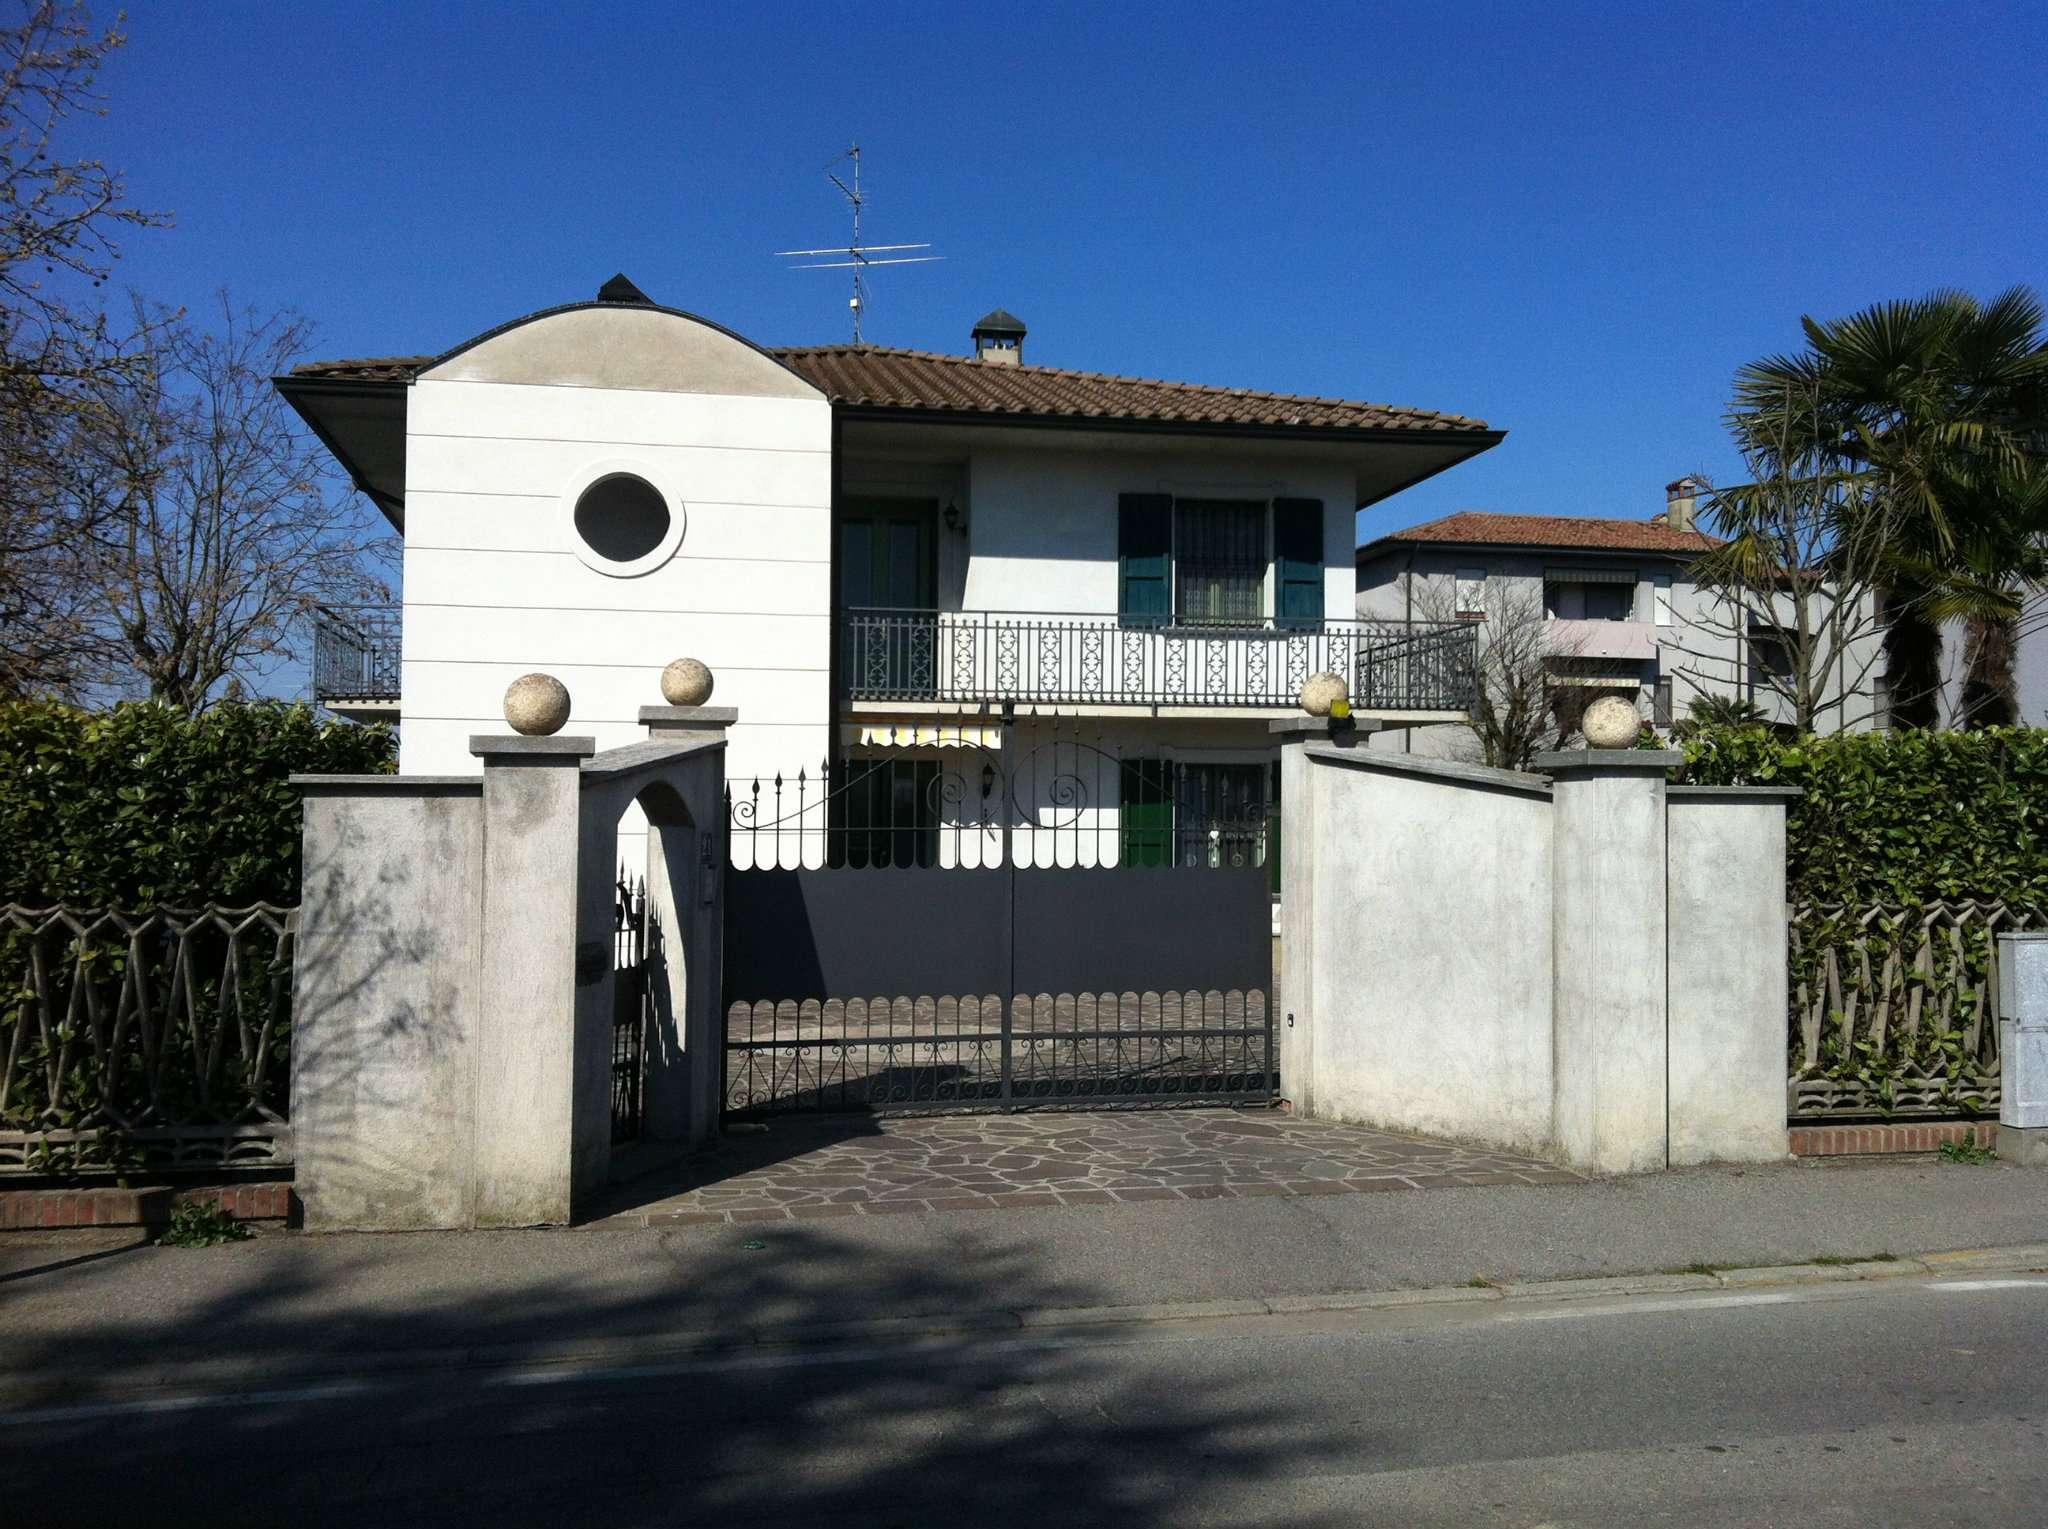 Villa Bifamiliare in vendita a Crema, 5 locali, prezzo € 165.000 | Cambio Casa.it